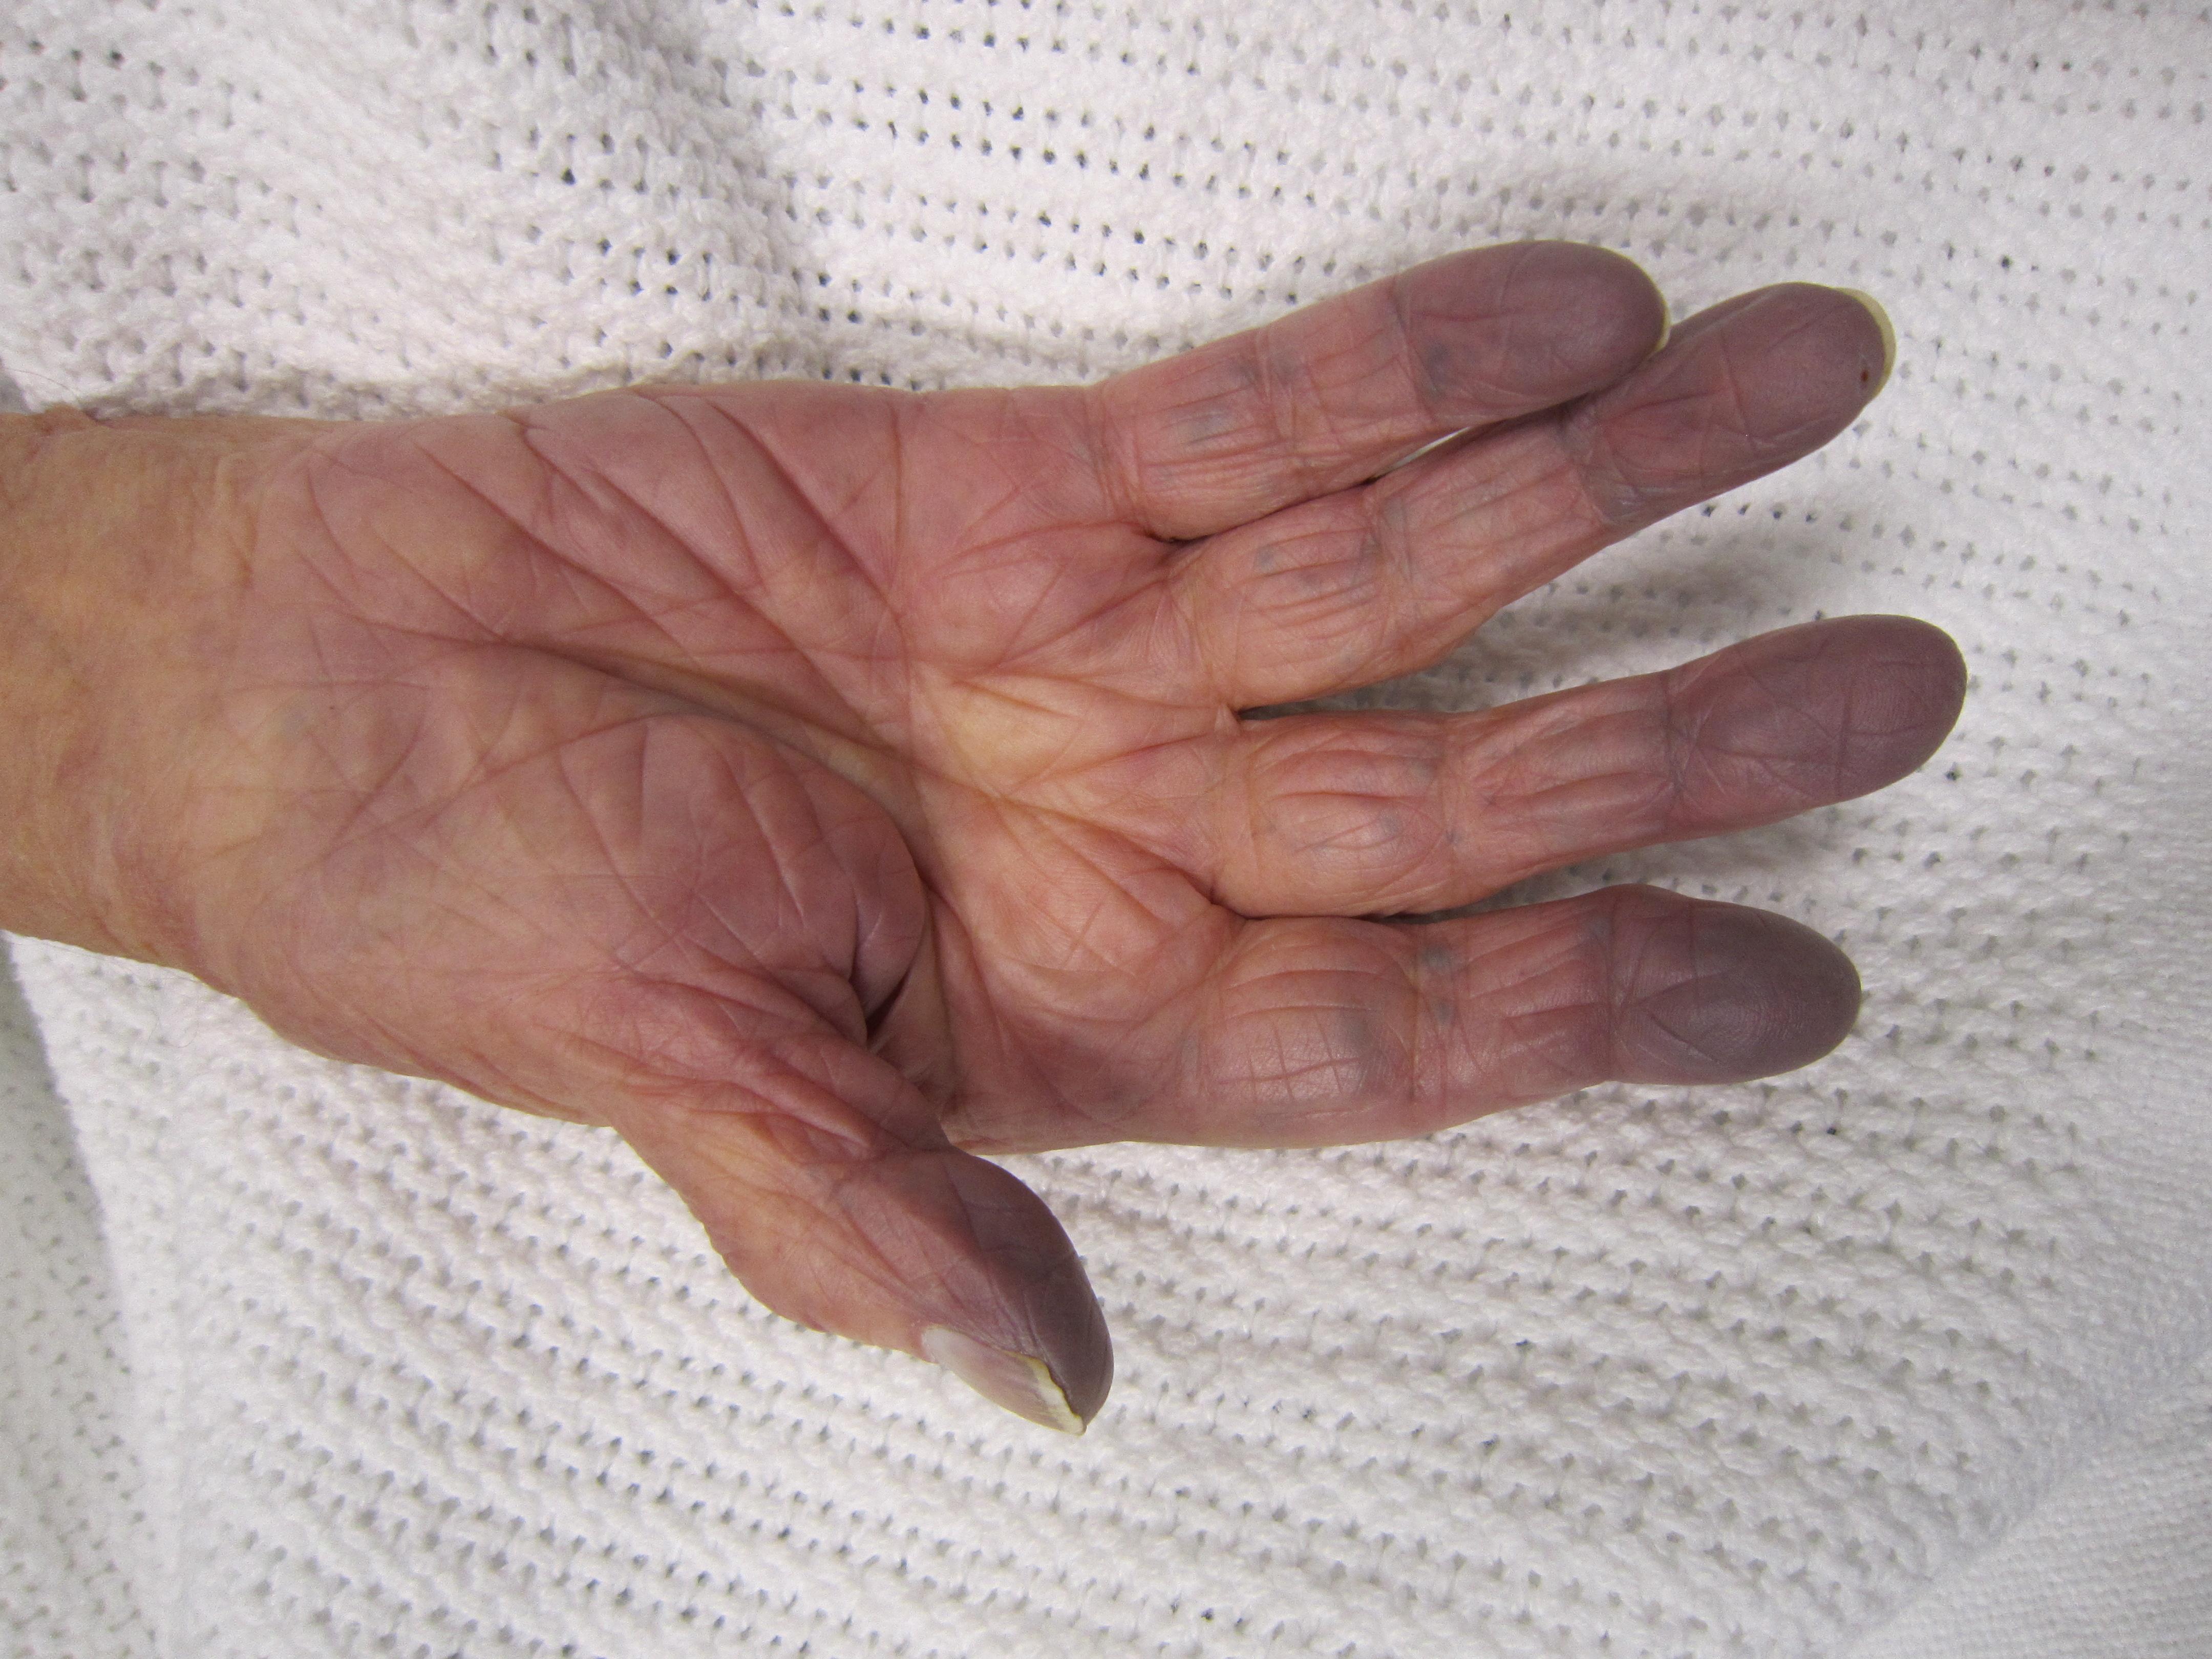 csípőizom-gyulladás